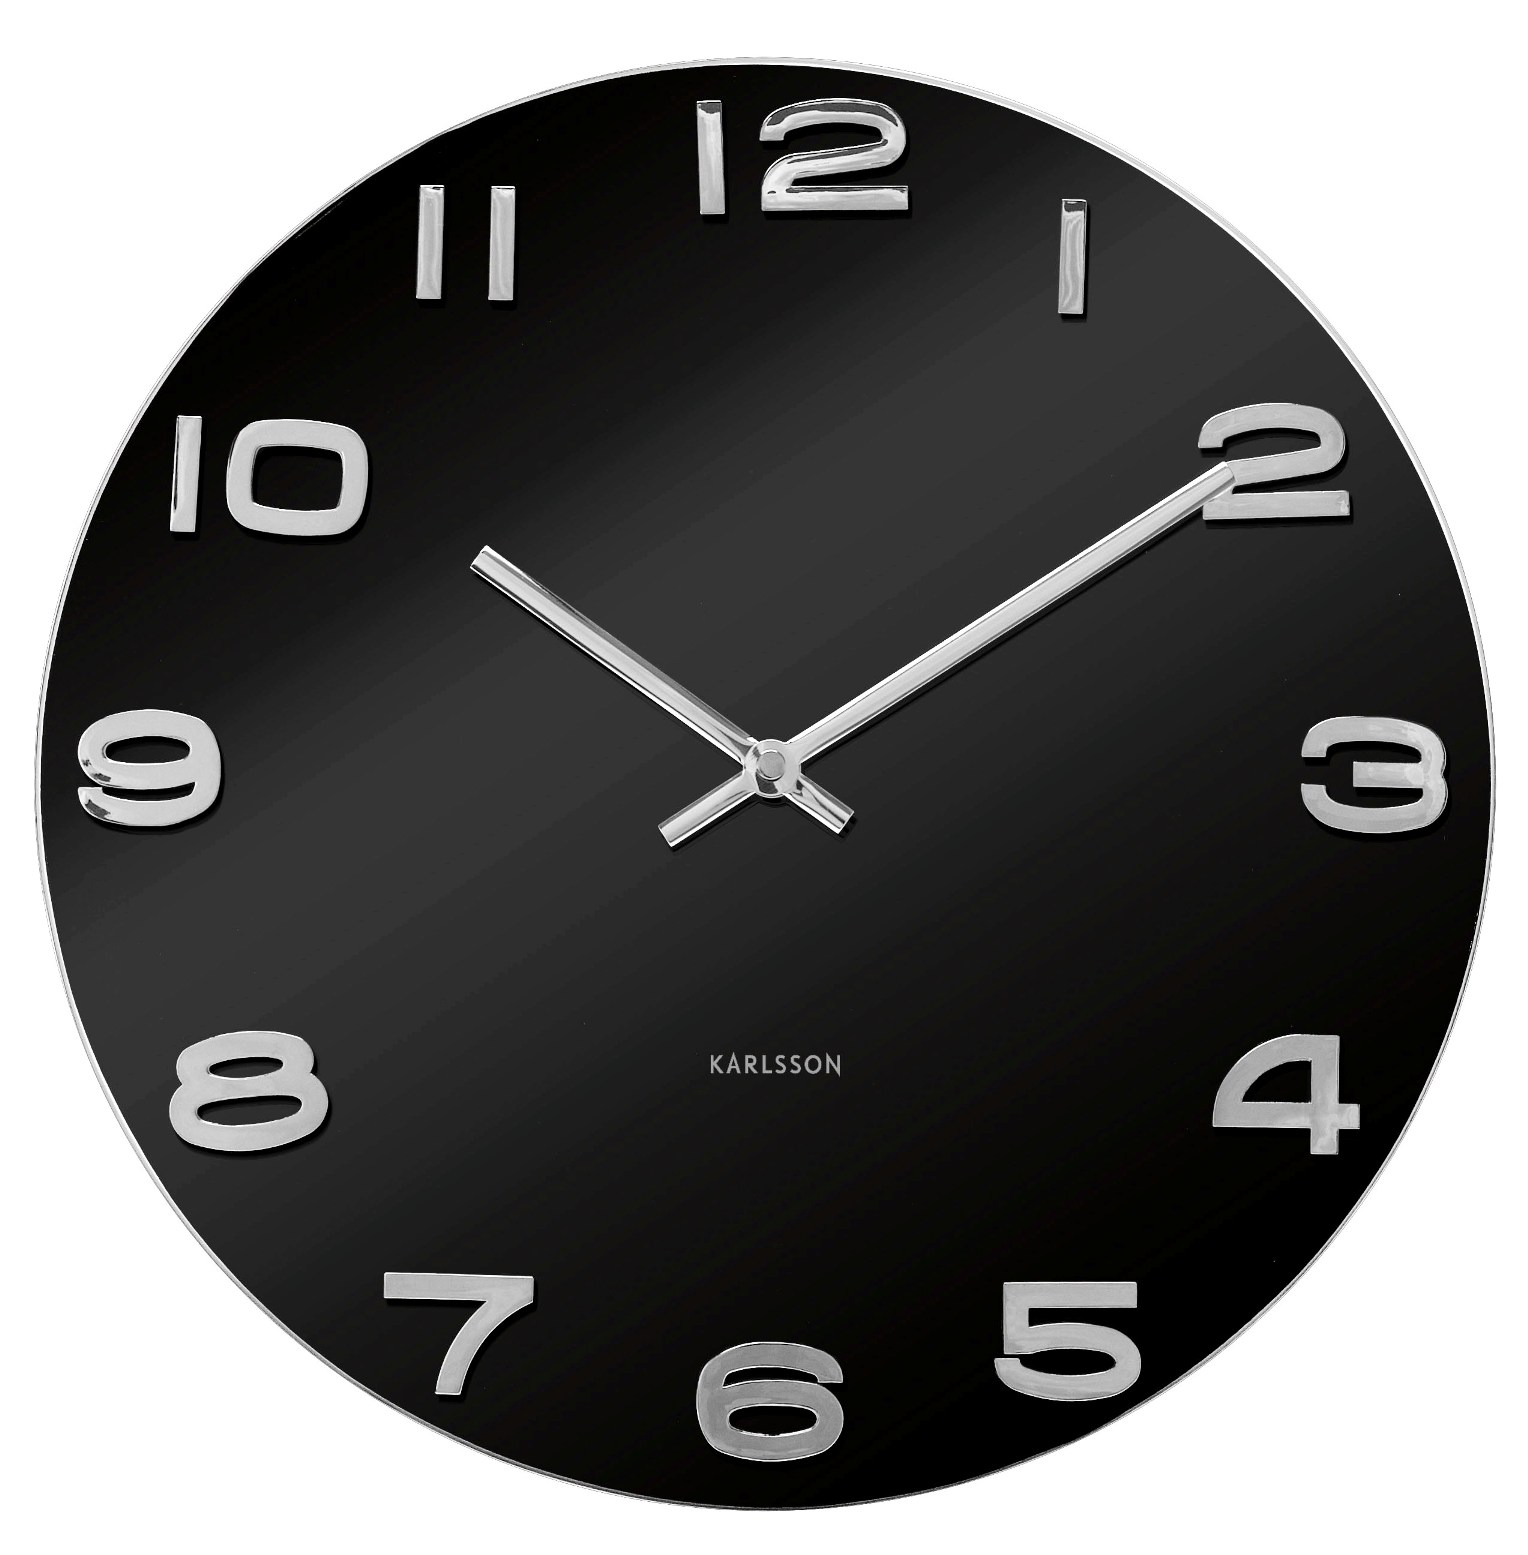 Nástěnné hodiny Vintage black round 35 cm černé - Karlsson